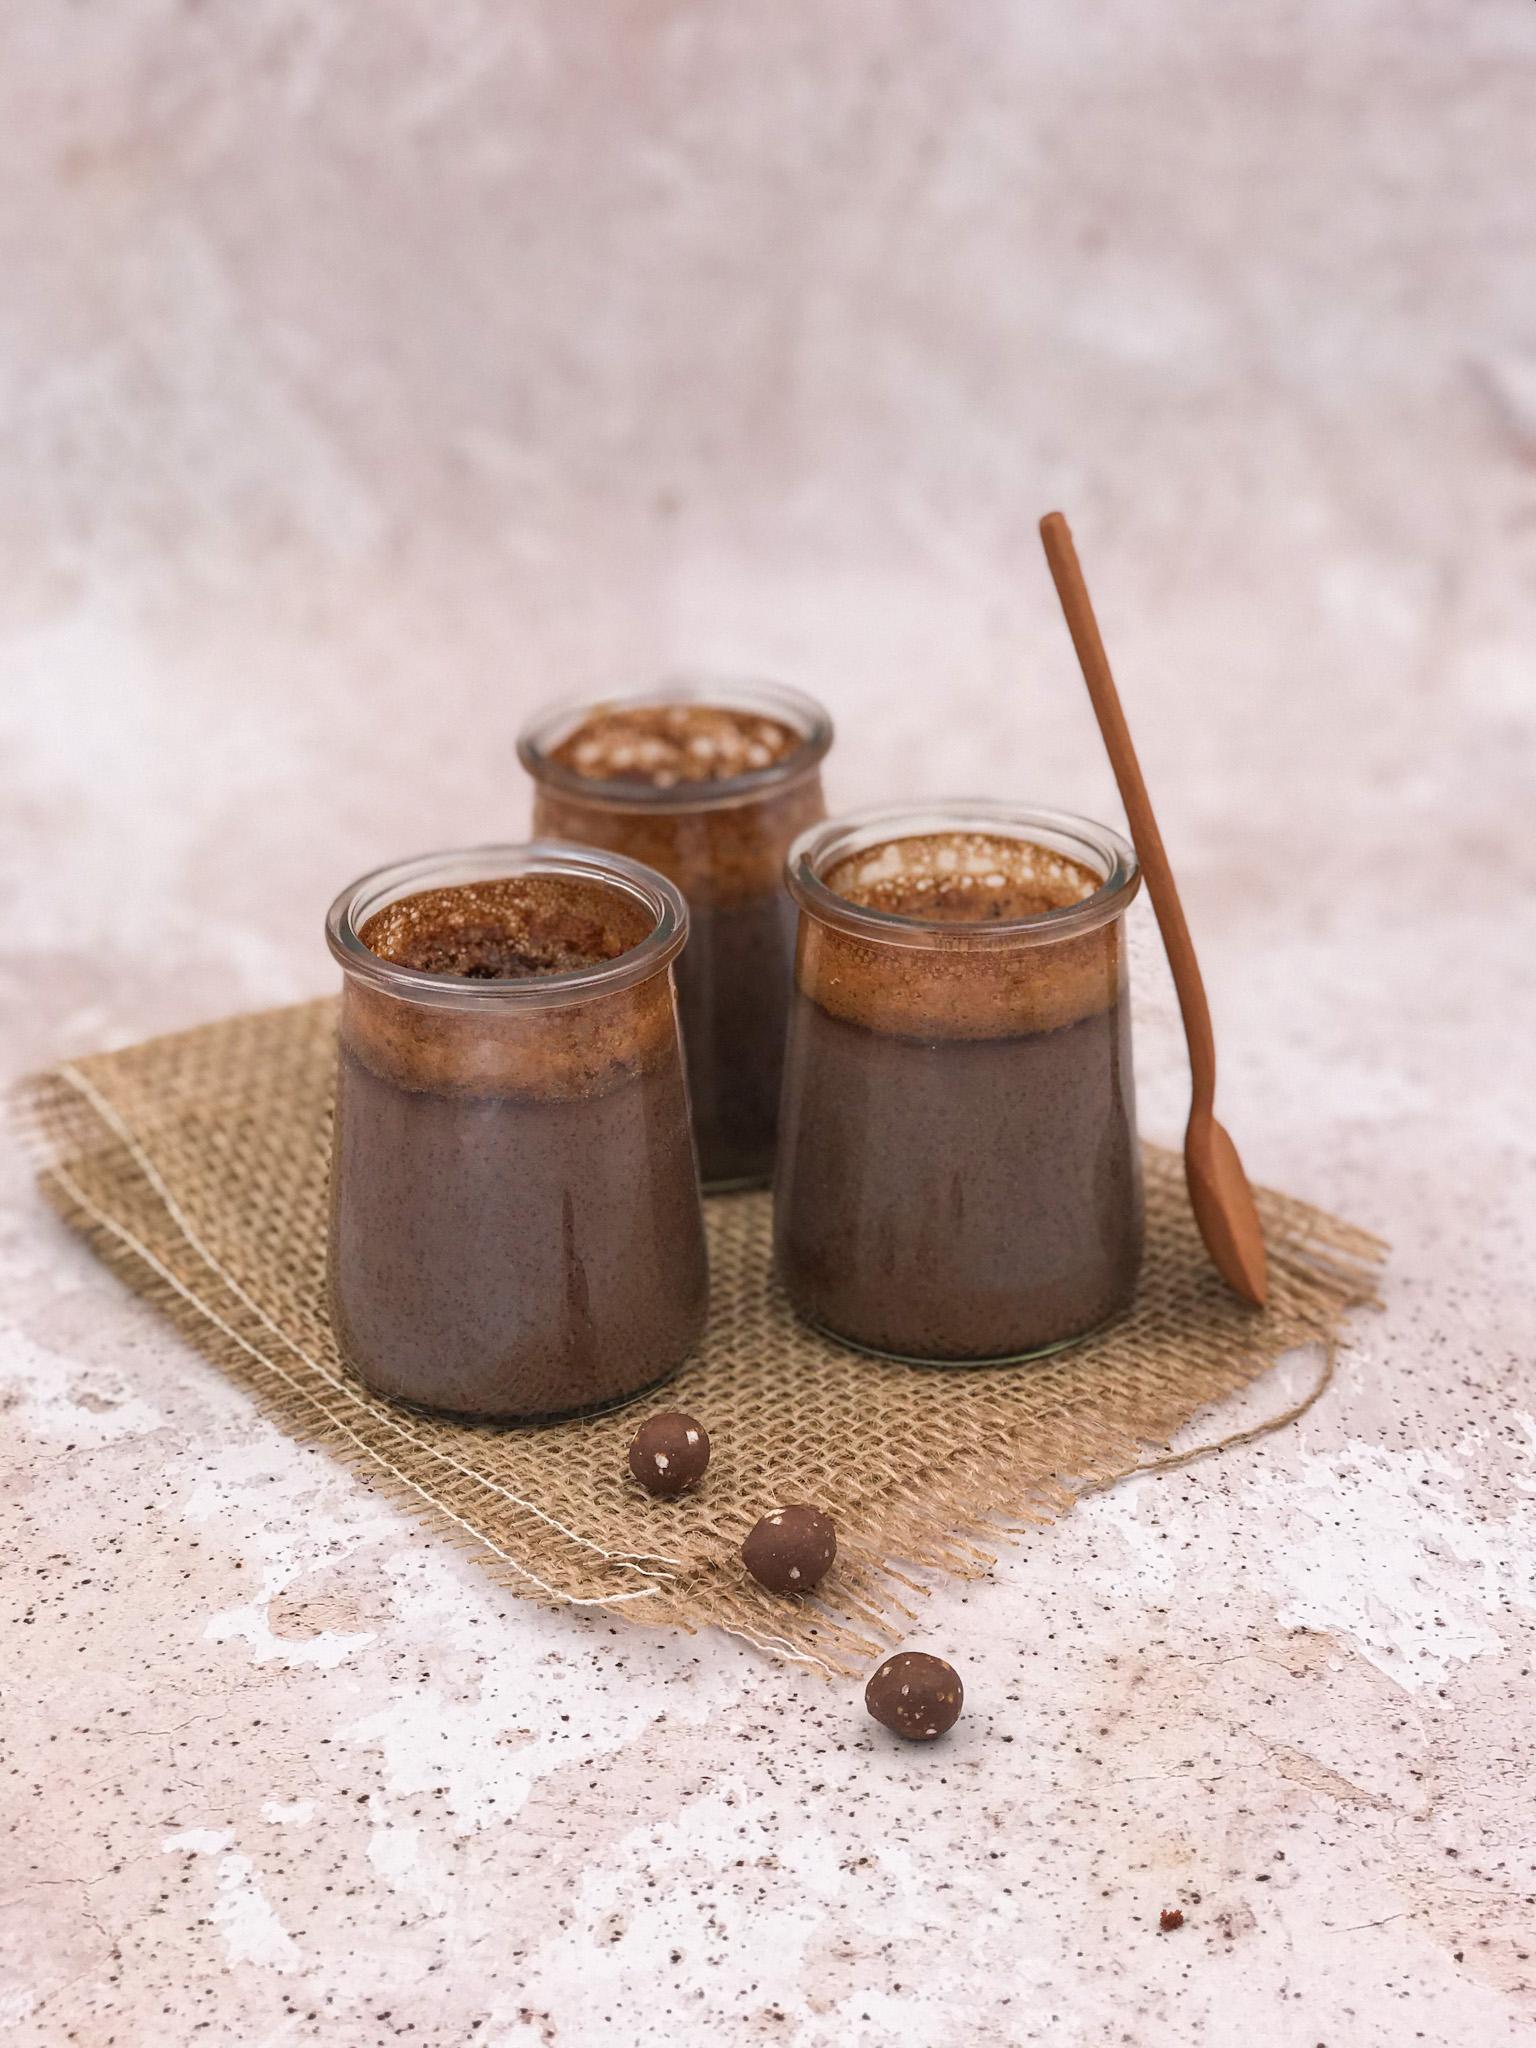 labelaure journal de confinement recettes spécial chocolat petits pots de crème de ma bonne-maman au chocolat fait maison restez chez vous stay home #onapplaudit